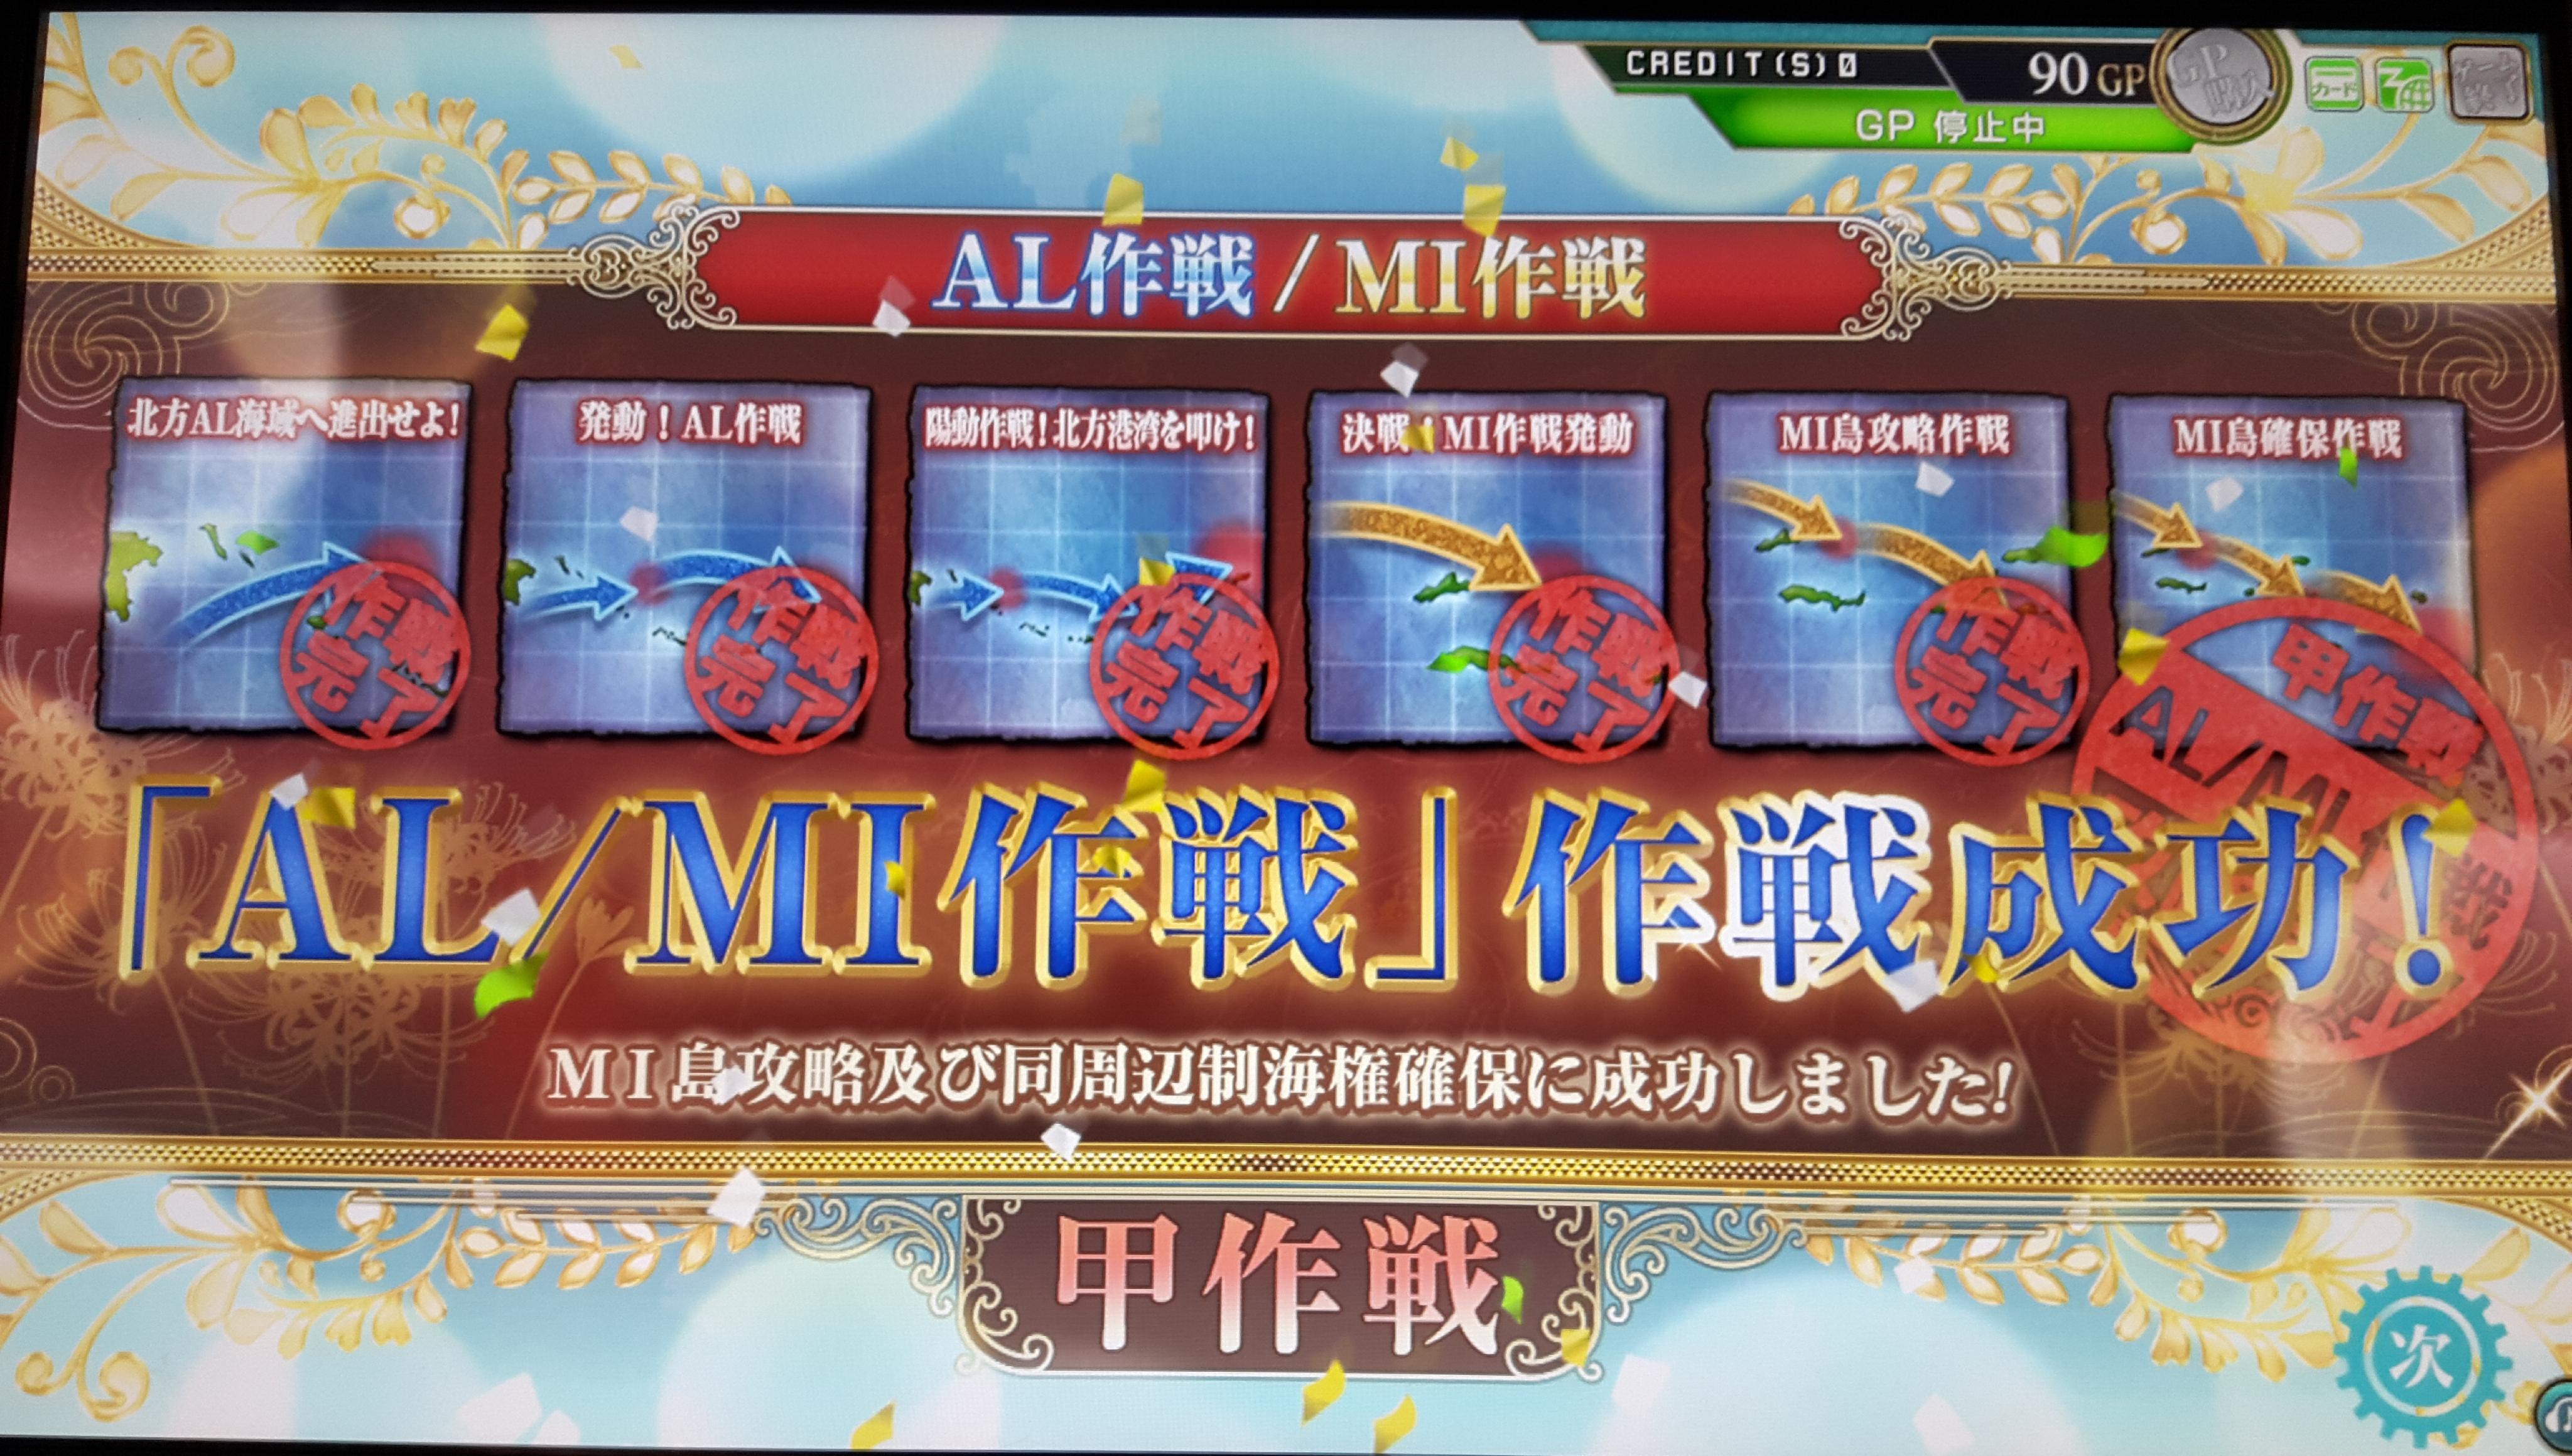 【AC】E6甲攻略完了のご報告